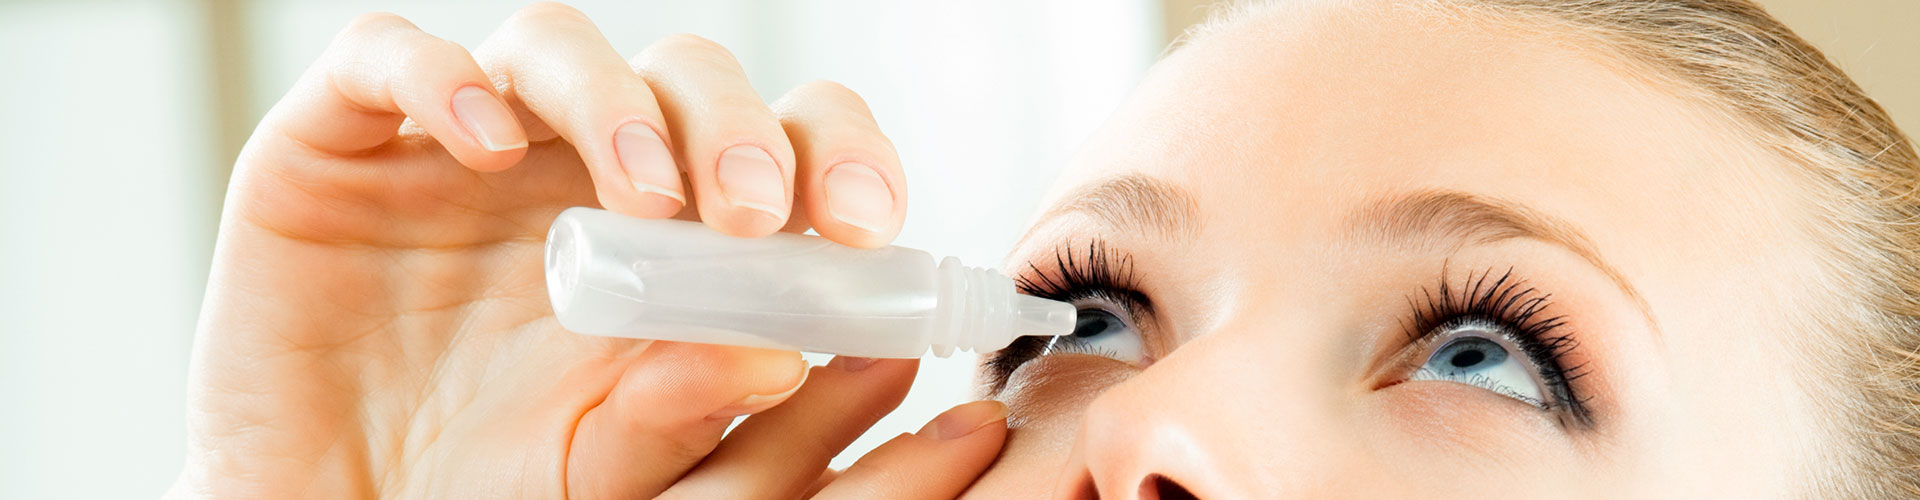 Problemet e syve: Kur keni nevojë për syze